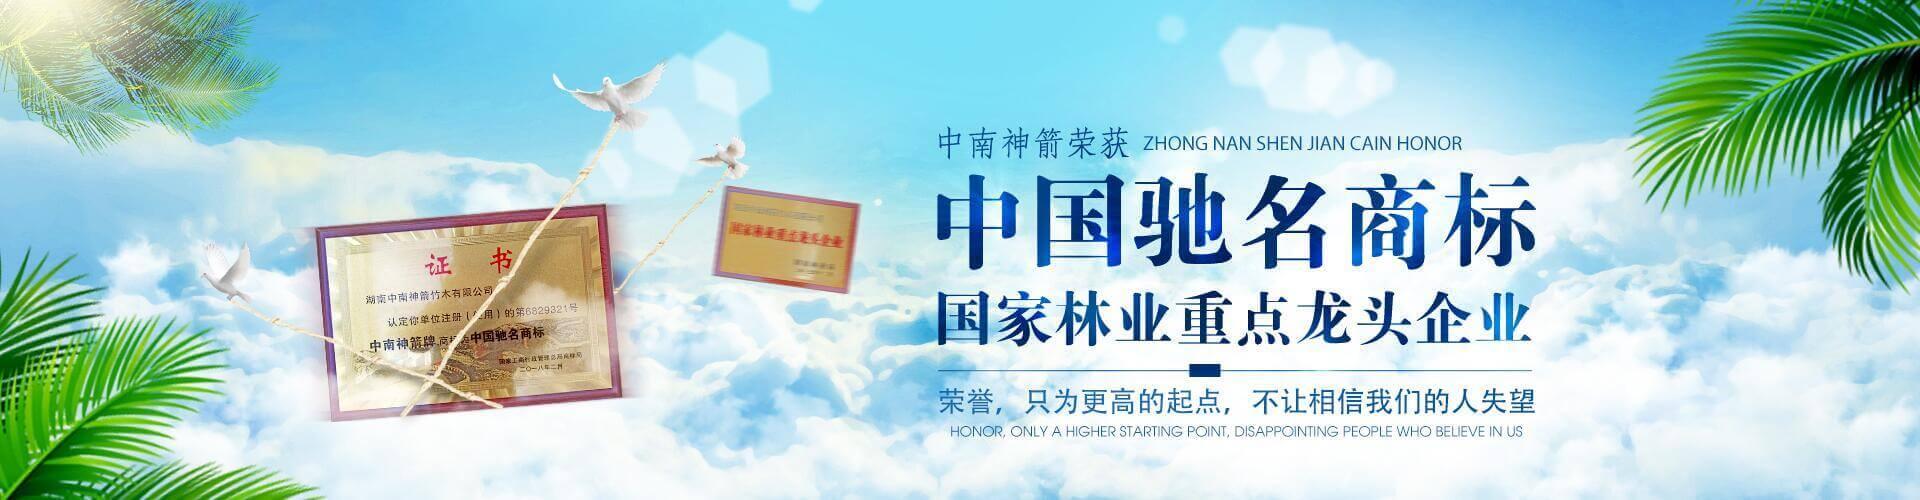 中南神箭—中国驰名商标